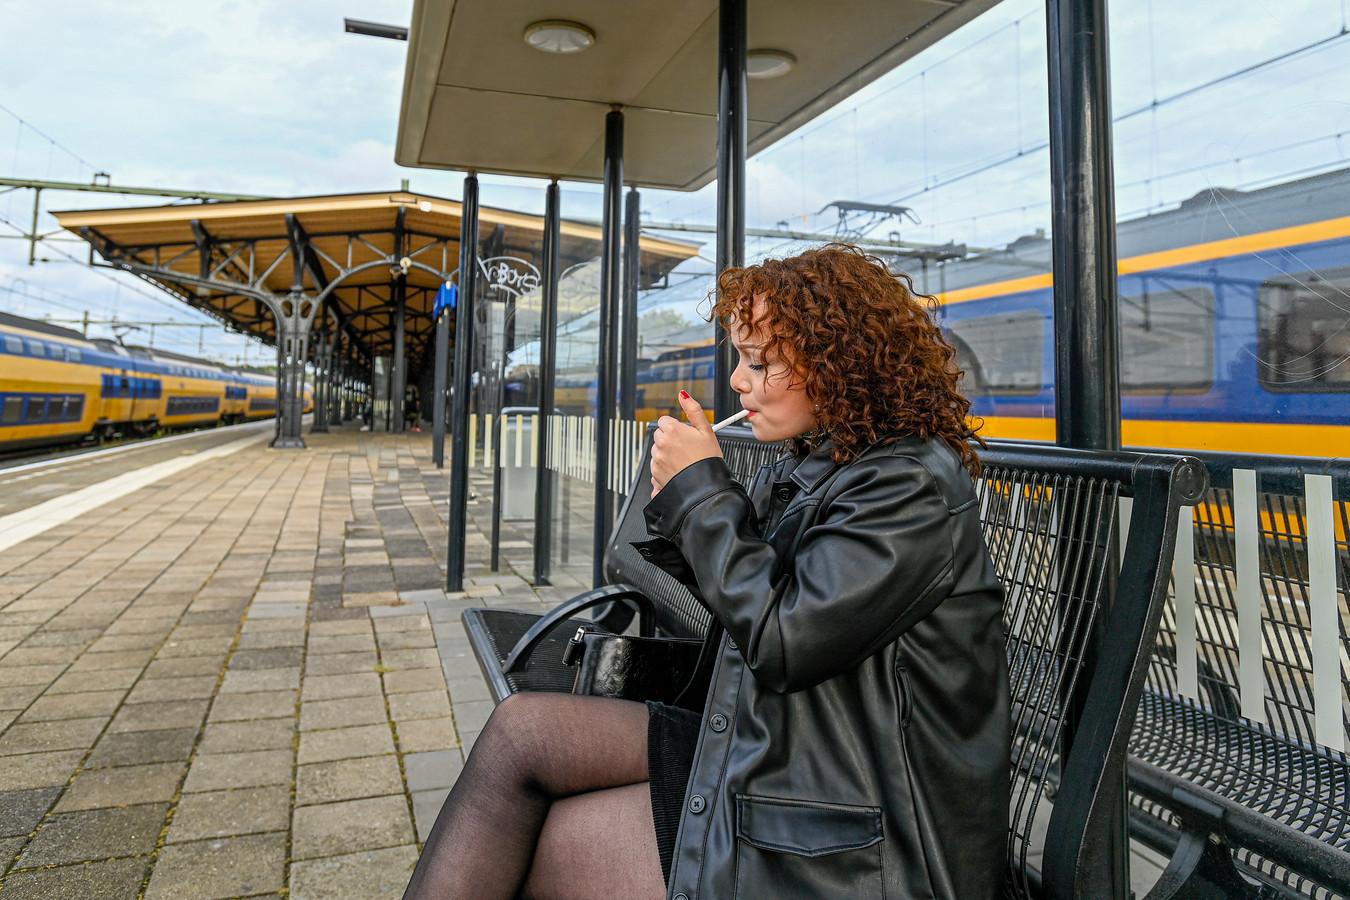 Vorige maand mocht het nog op sommige plekken, nu levert roken op een station een boete op van 95 euro.